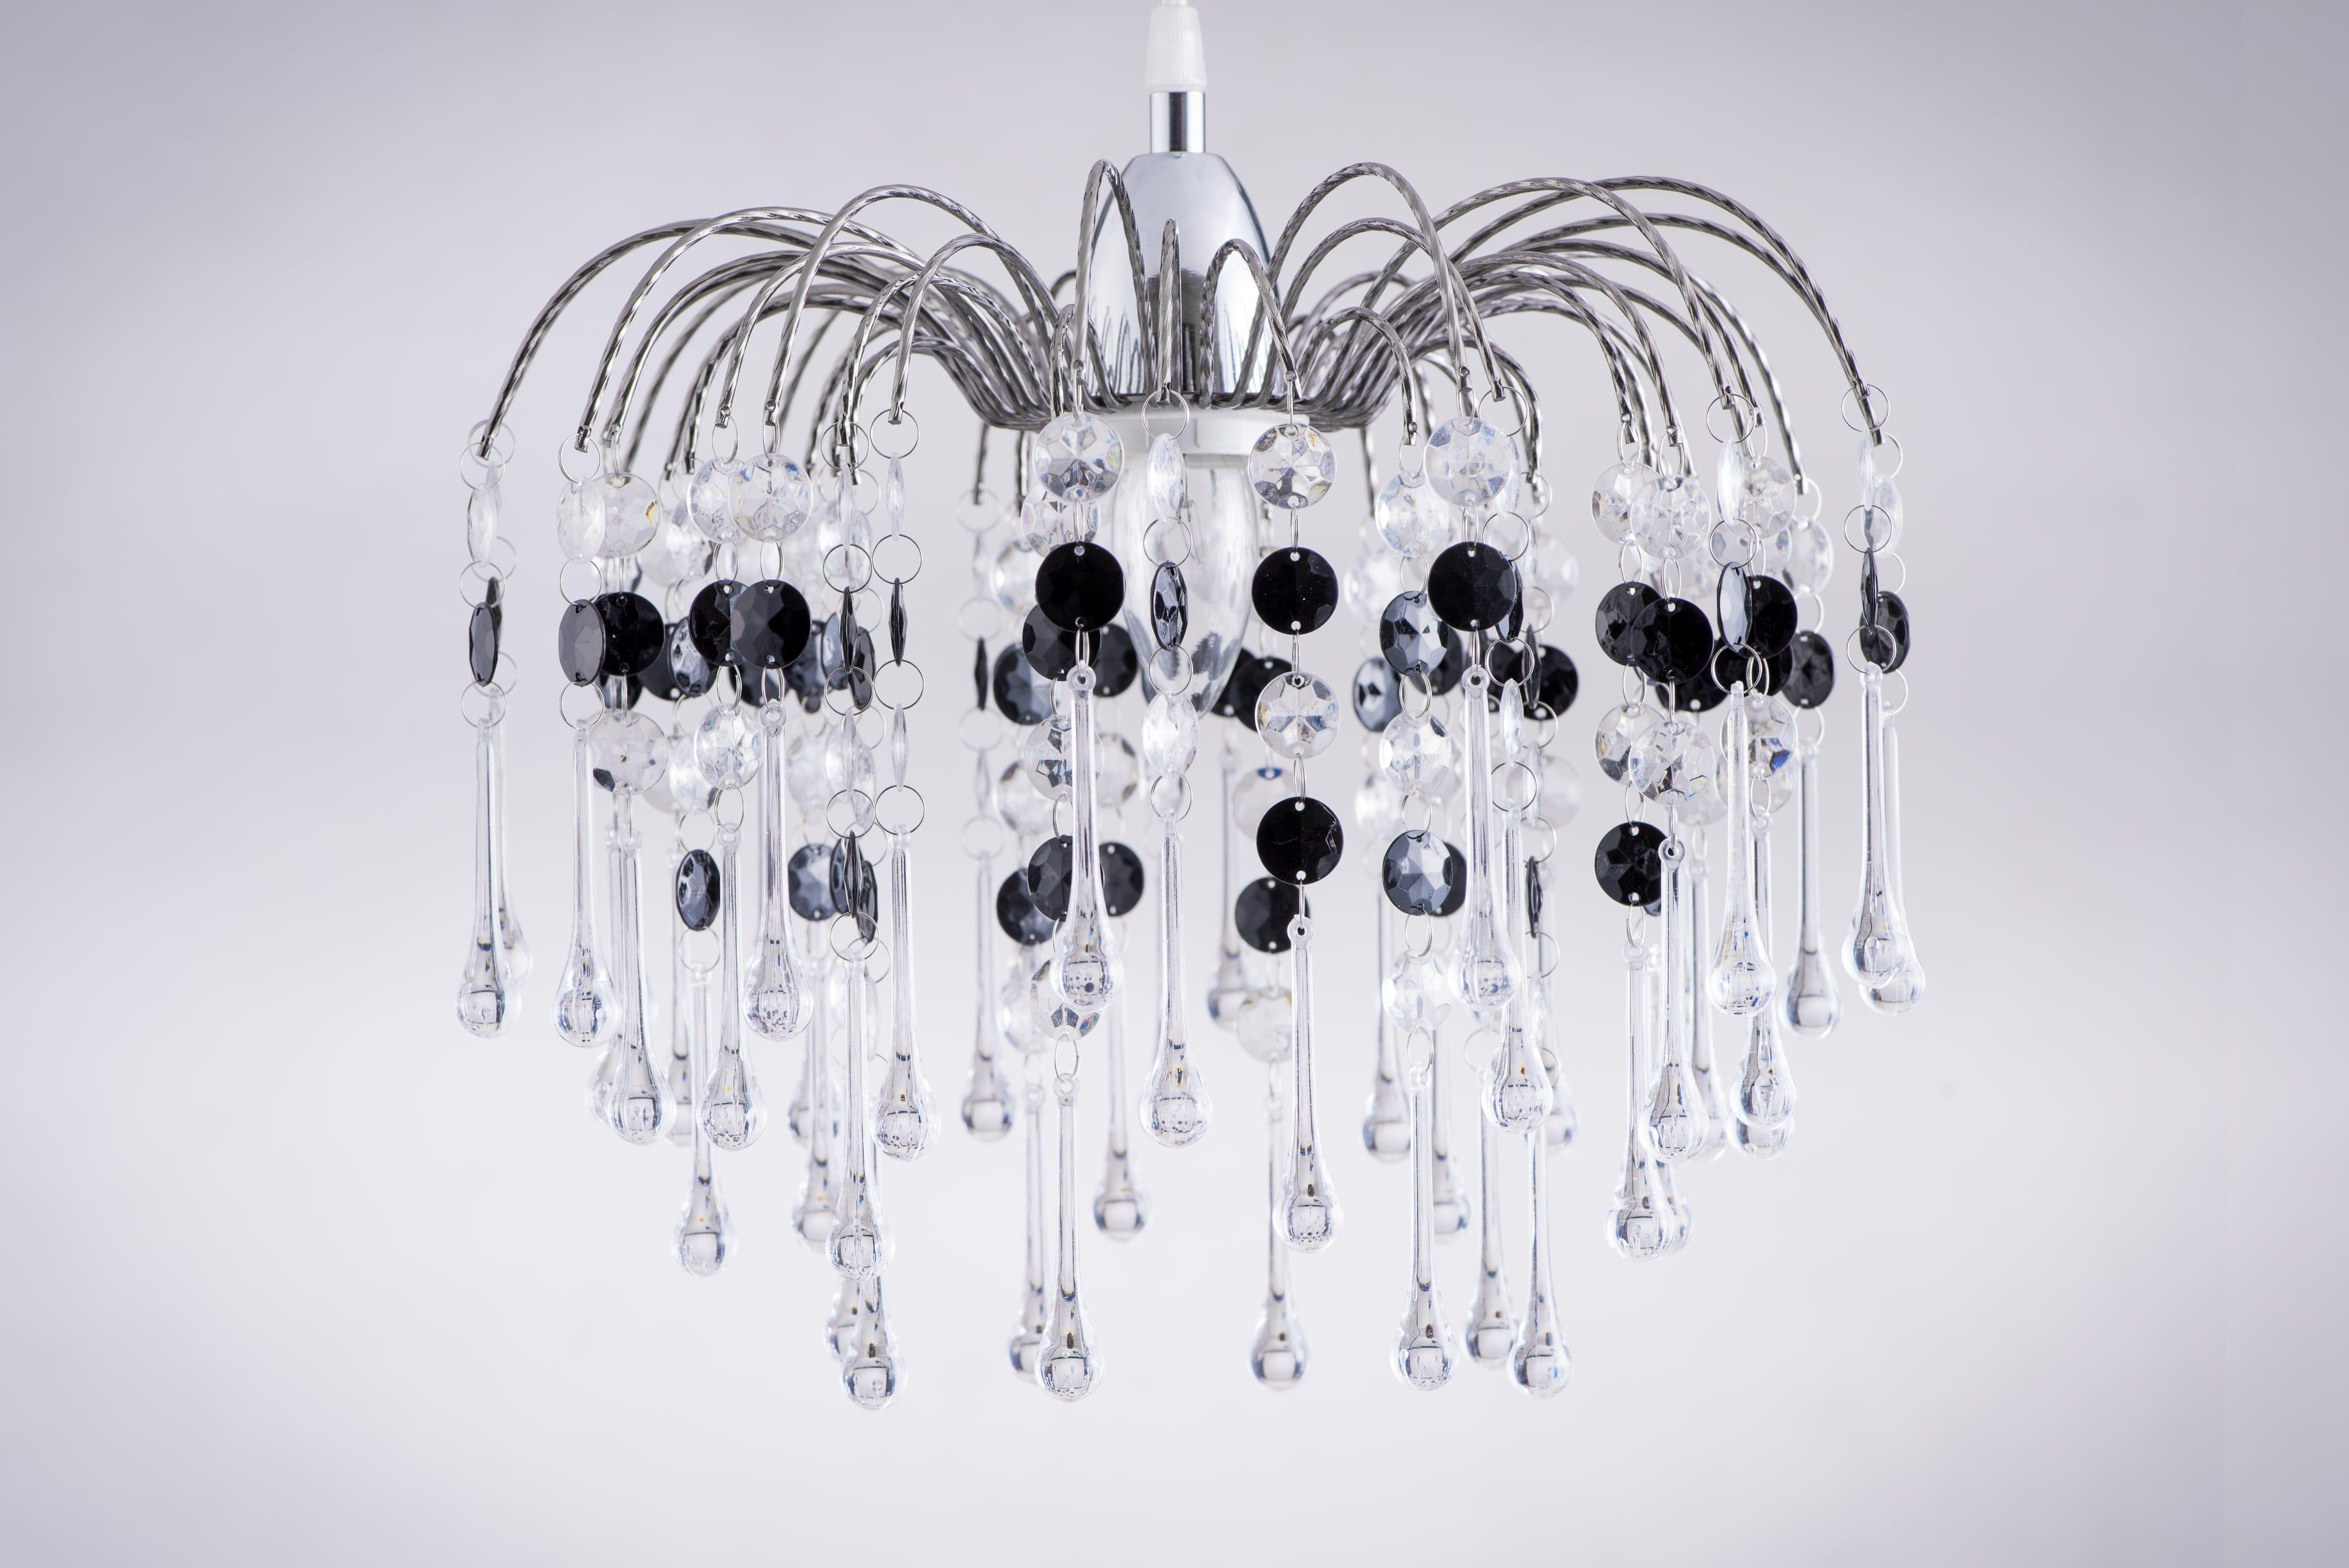 鍍鉻噴泉支架黑色壓克力珠吊燈-BNL00042 0